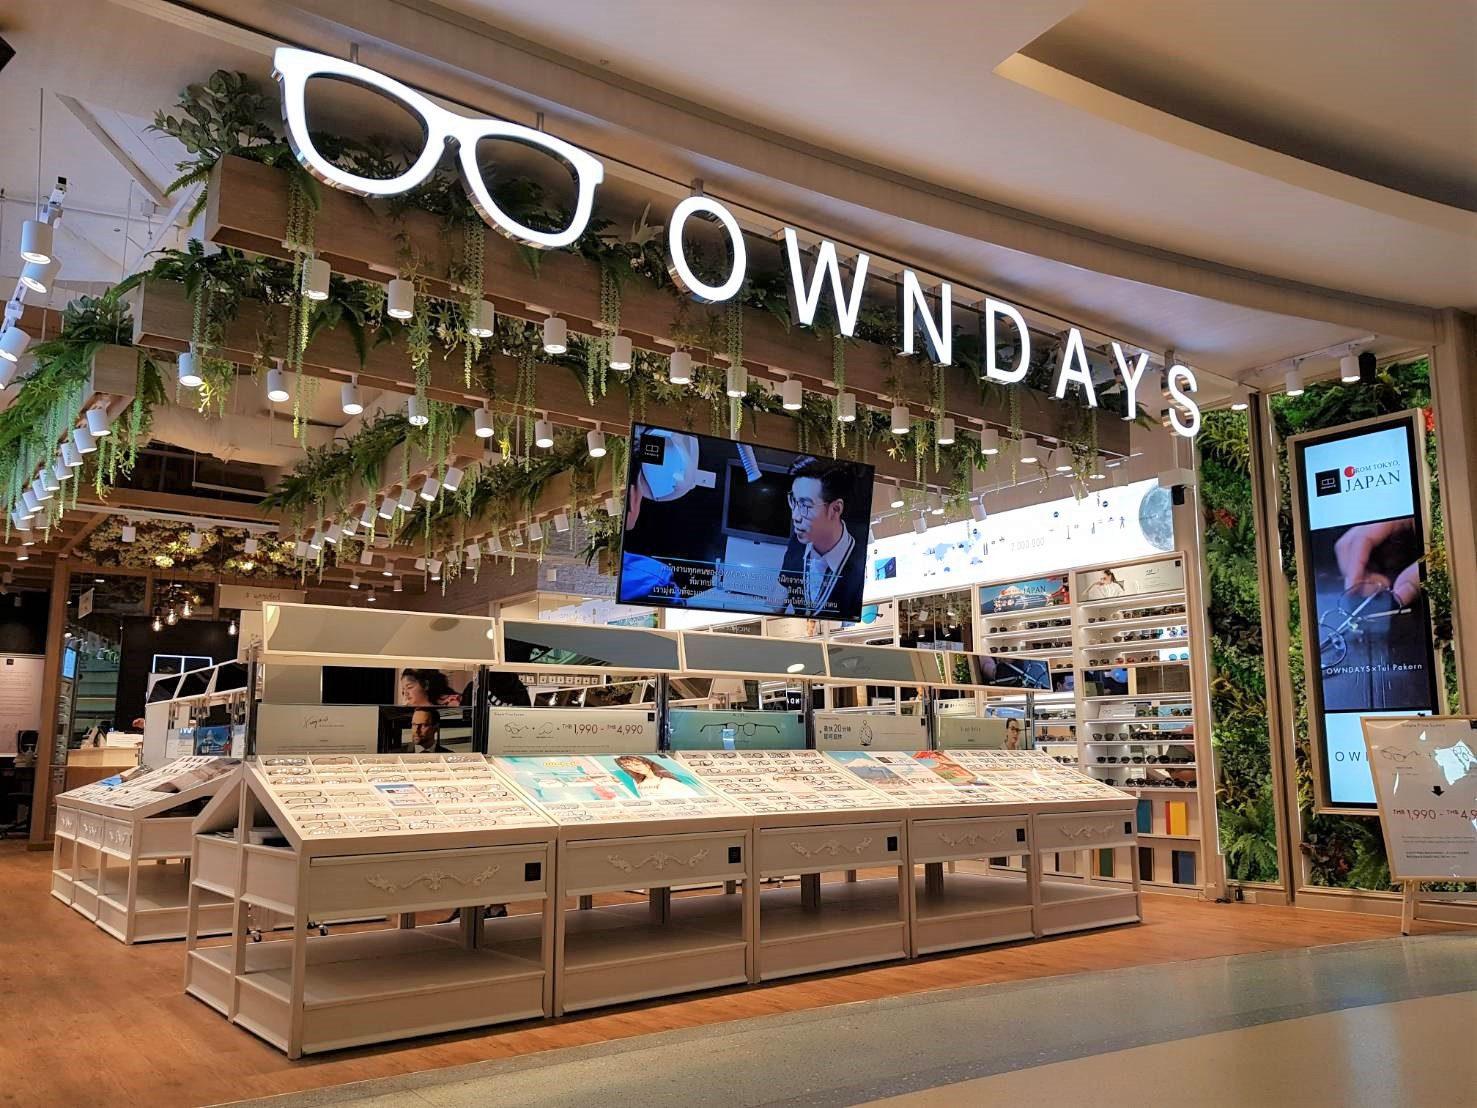 ร้านแว่นตาโอนเดส์ จังซีลอน ภูเก็ต